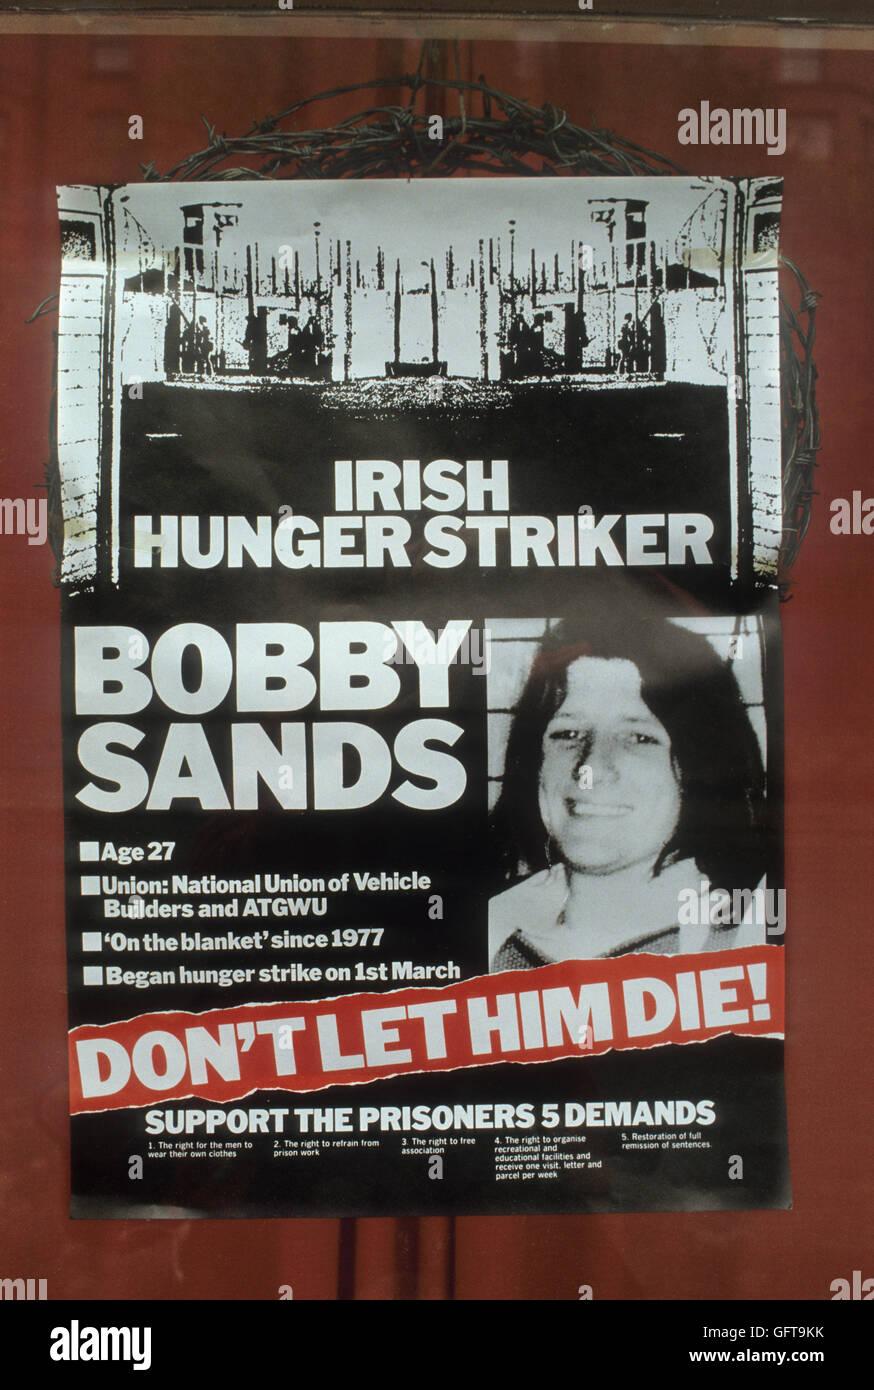 Bobby Sands poster Hunger Strike 1980s Belfast Northern Ireland UK HOMER SYKES - Stock Image